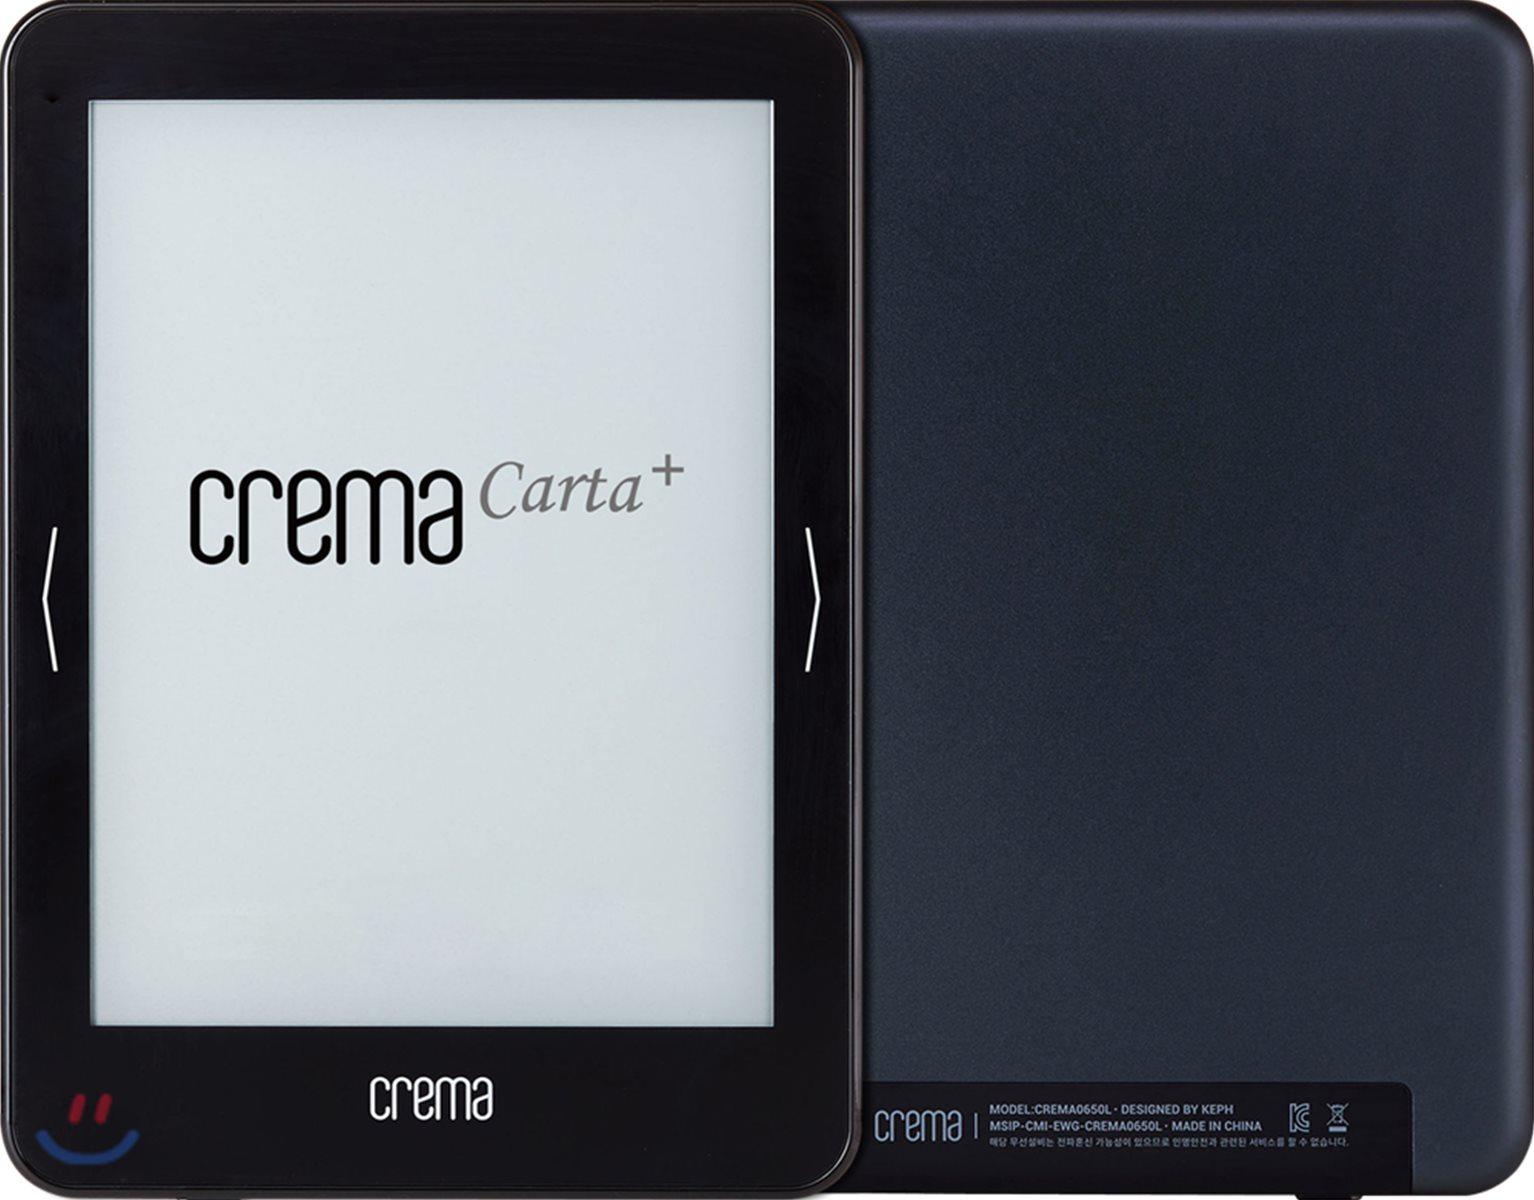 예스24 크레마 카르타 플러스(crema carta+)